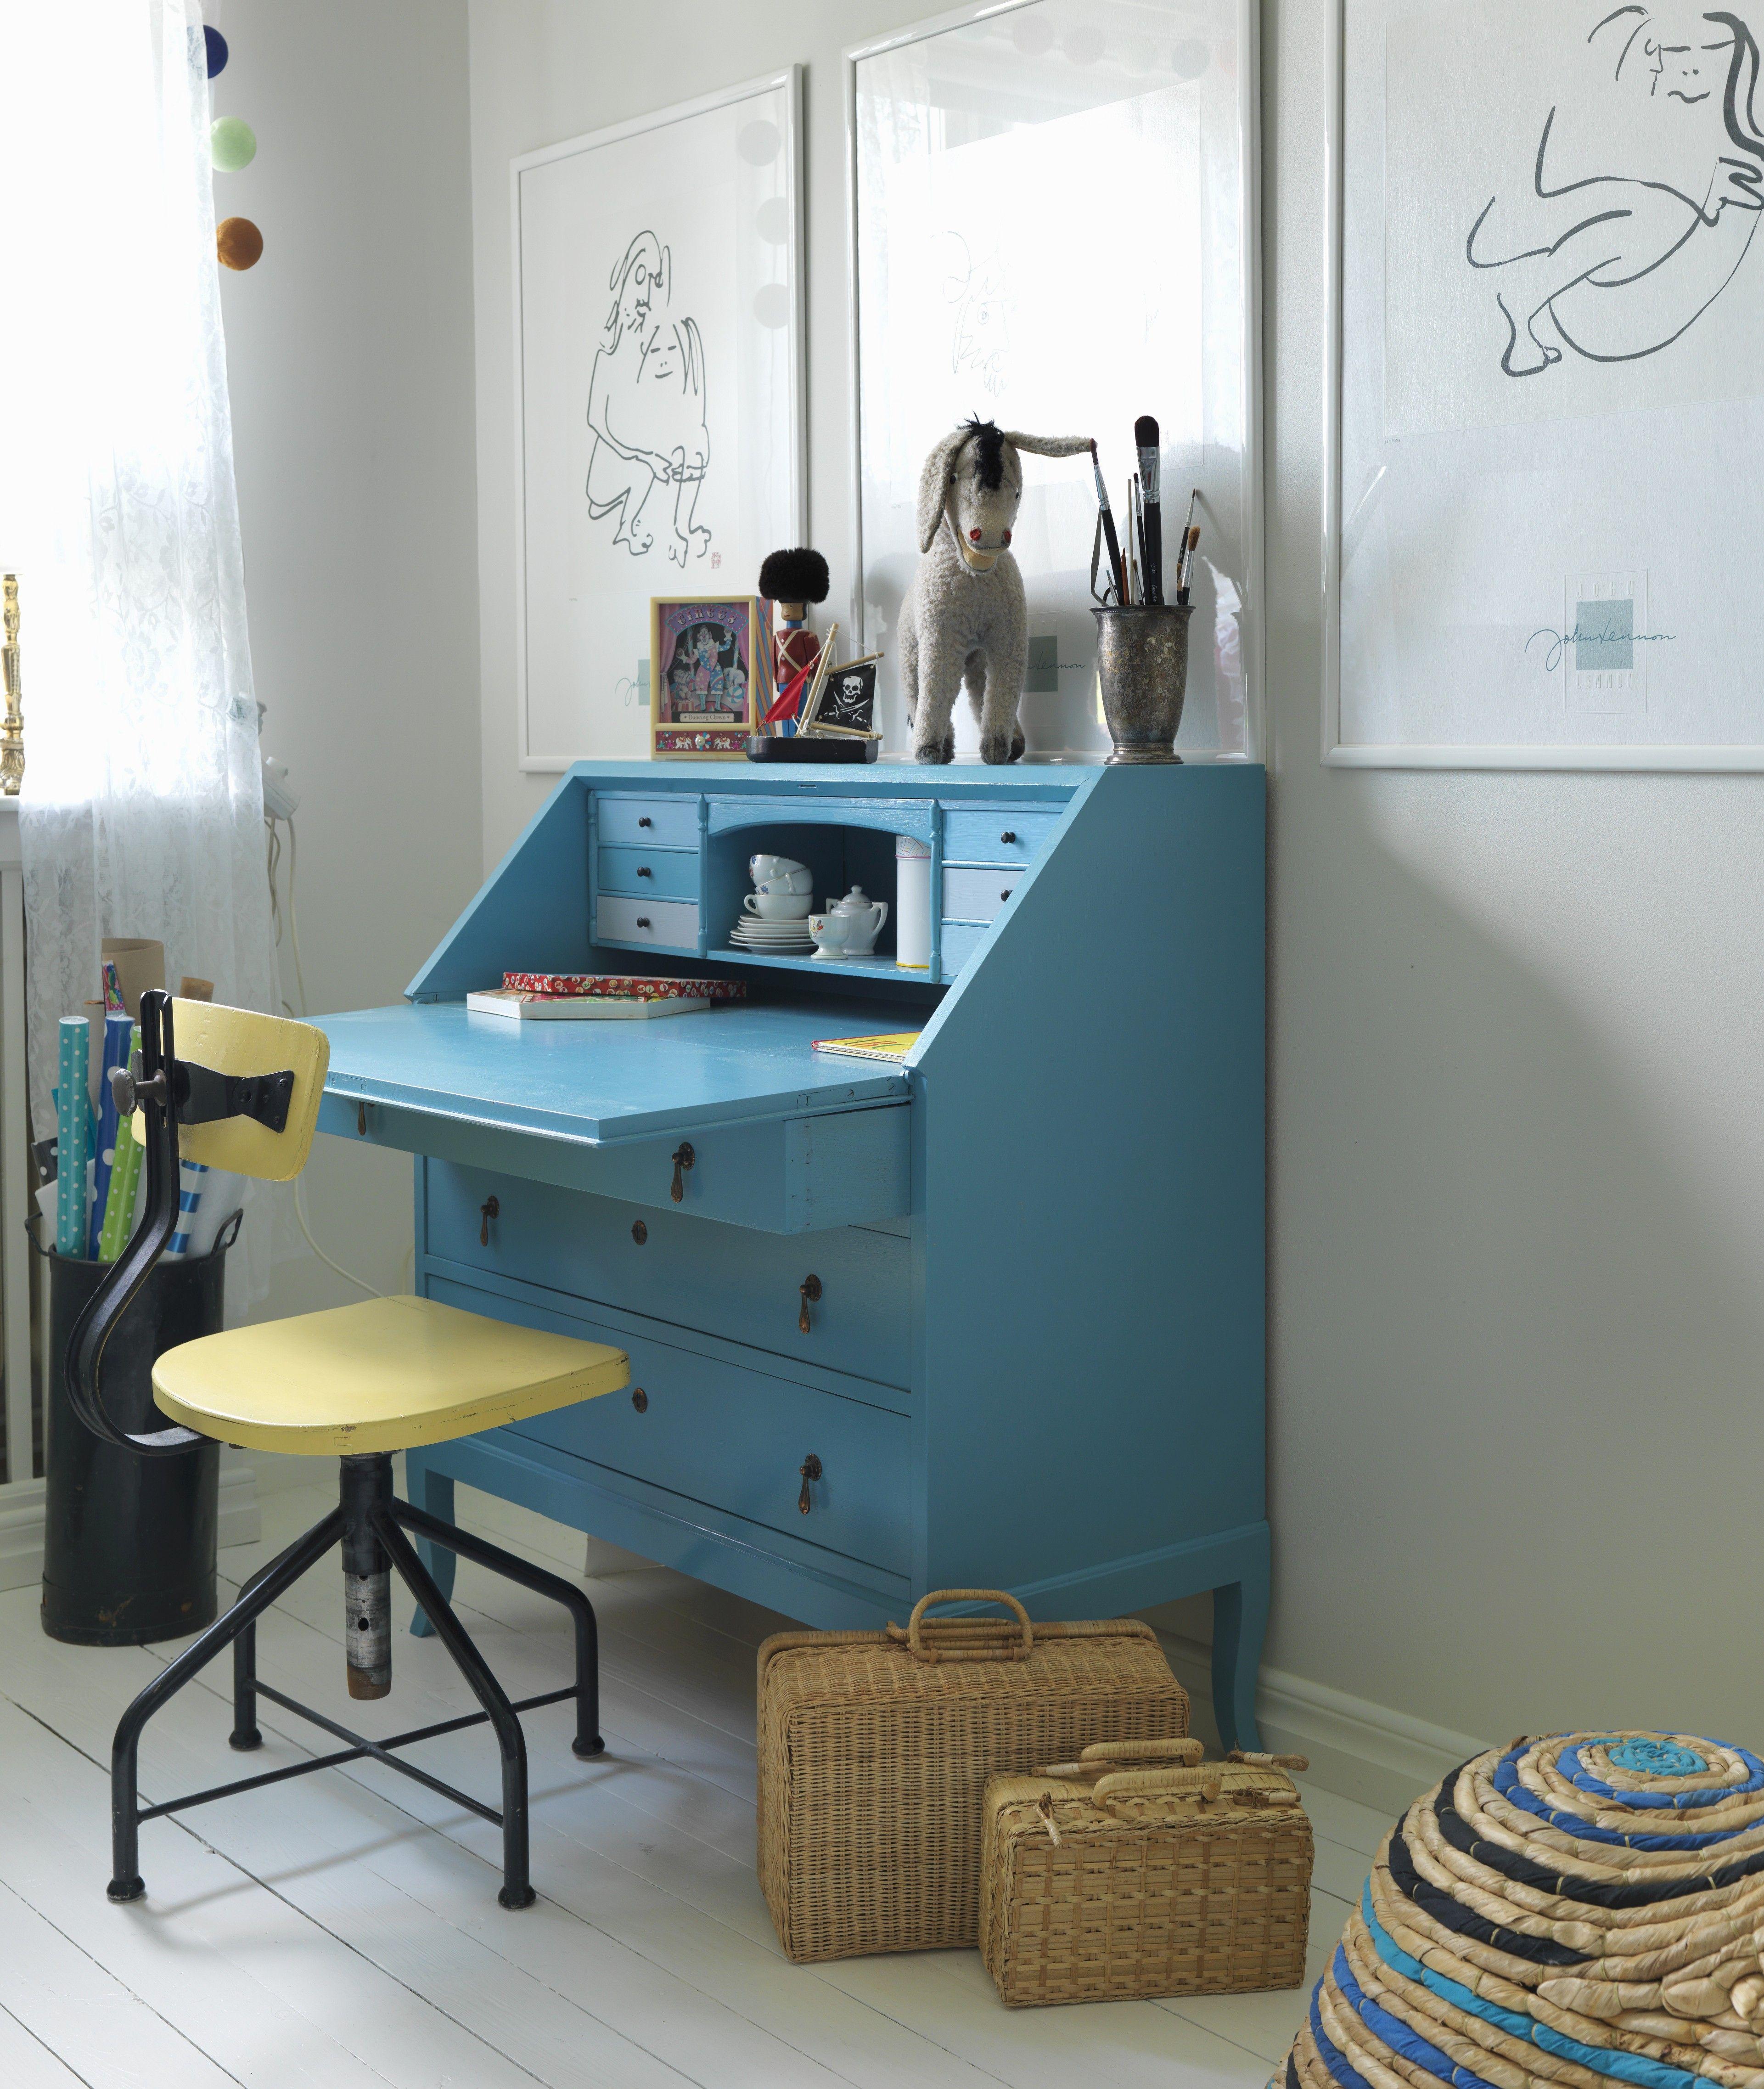 Büro im Wohnzimmer einrichten  Wohnzimmer einrichten, Wohnzimmer